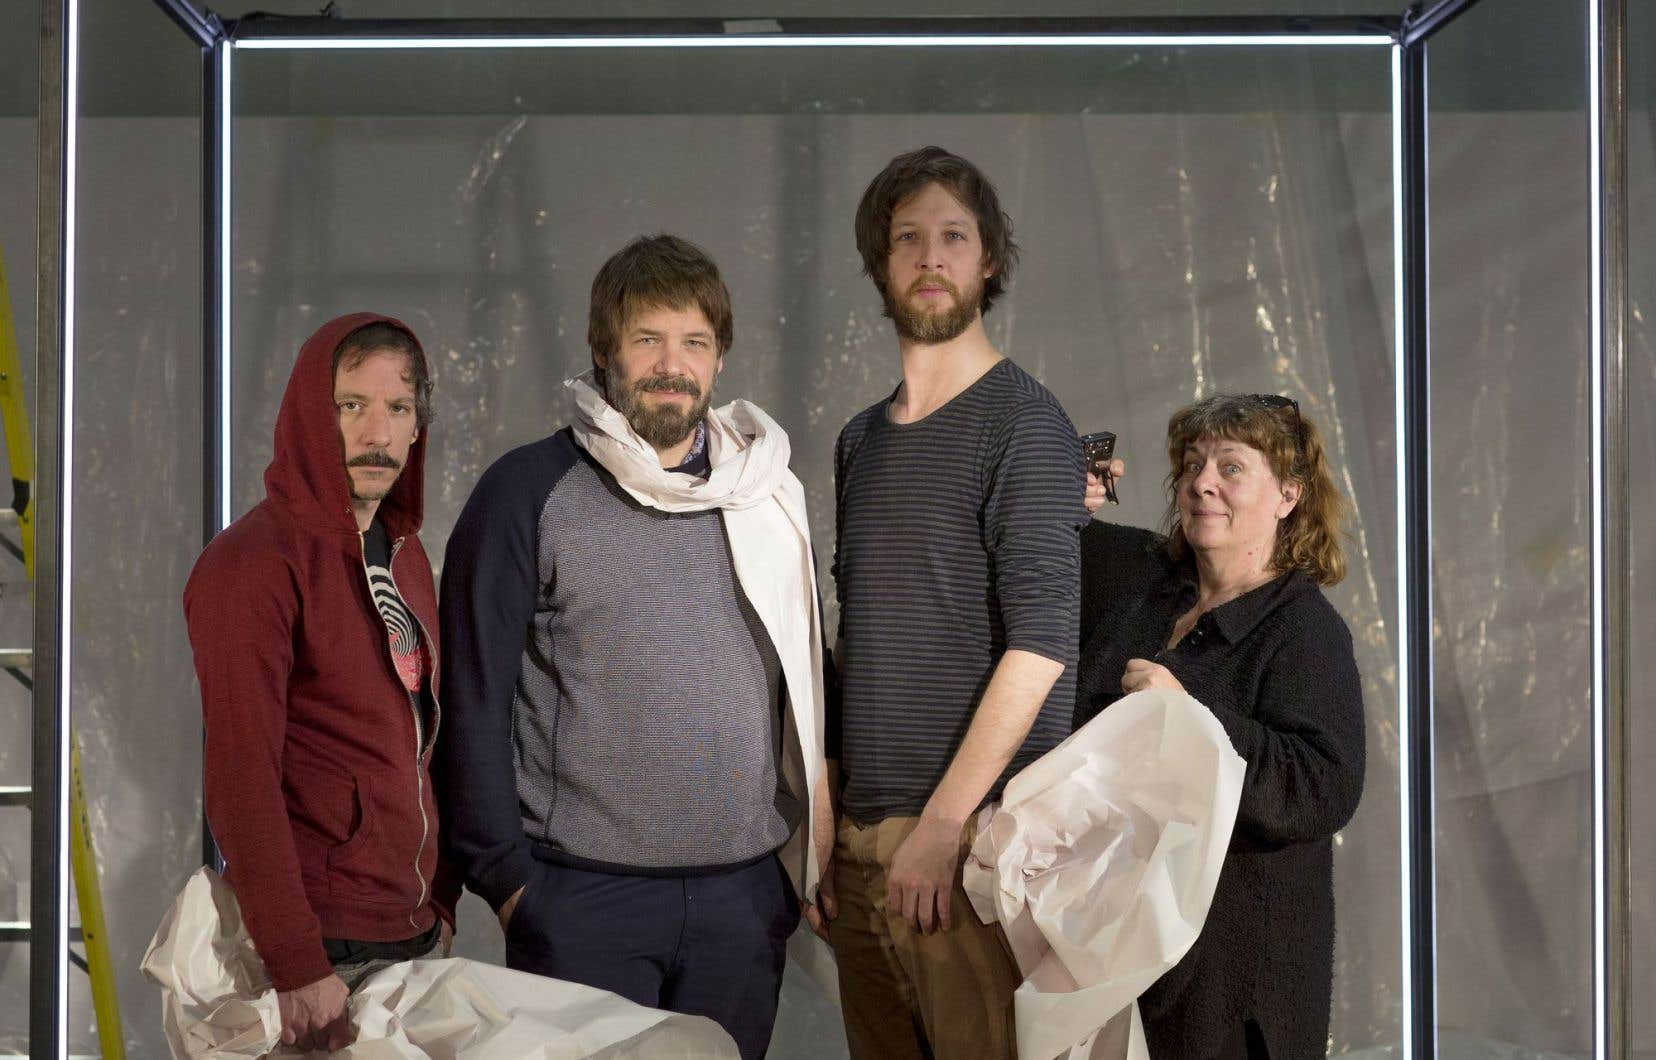 Emmanuel Schwartz (3e à partir de la gauche) a échafaudé le spectacle en collaboration avec de vieux amis, Francis La Haye et Benoît Gob, le tout sous l'œil de la metteure en scène Alice Ronfard.